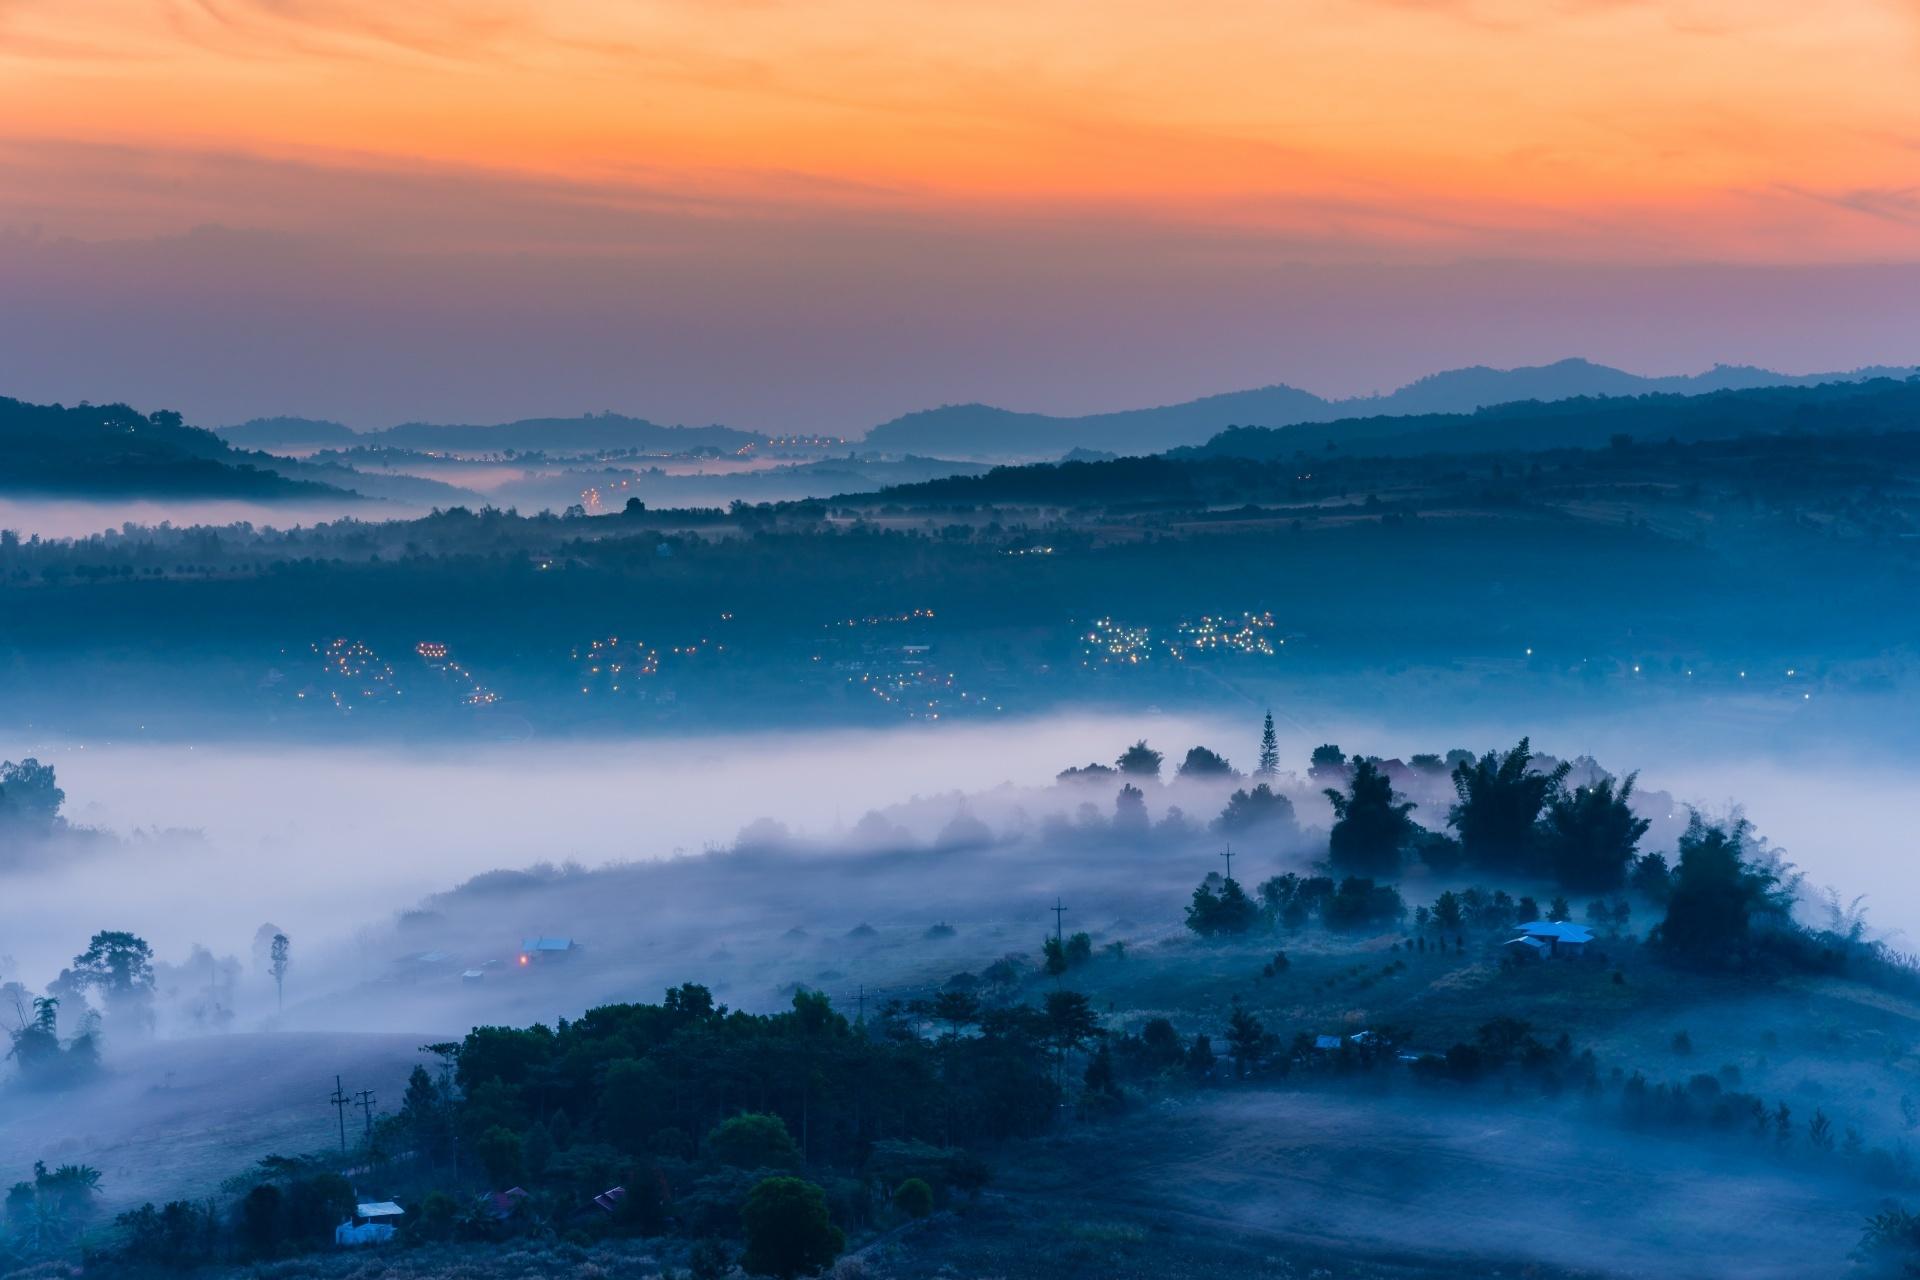 カオタキィアンから見る霧の朝の風景 タイの風景